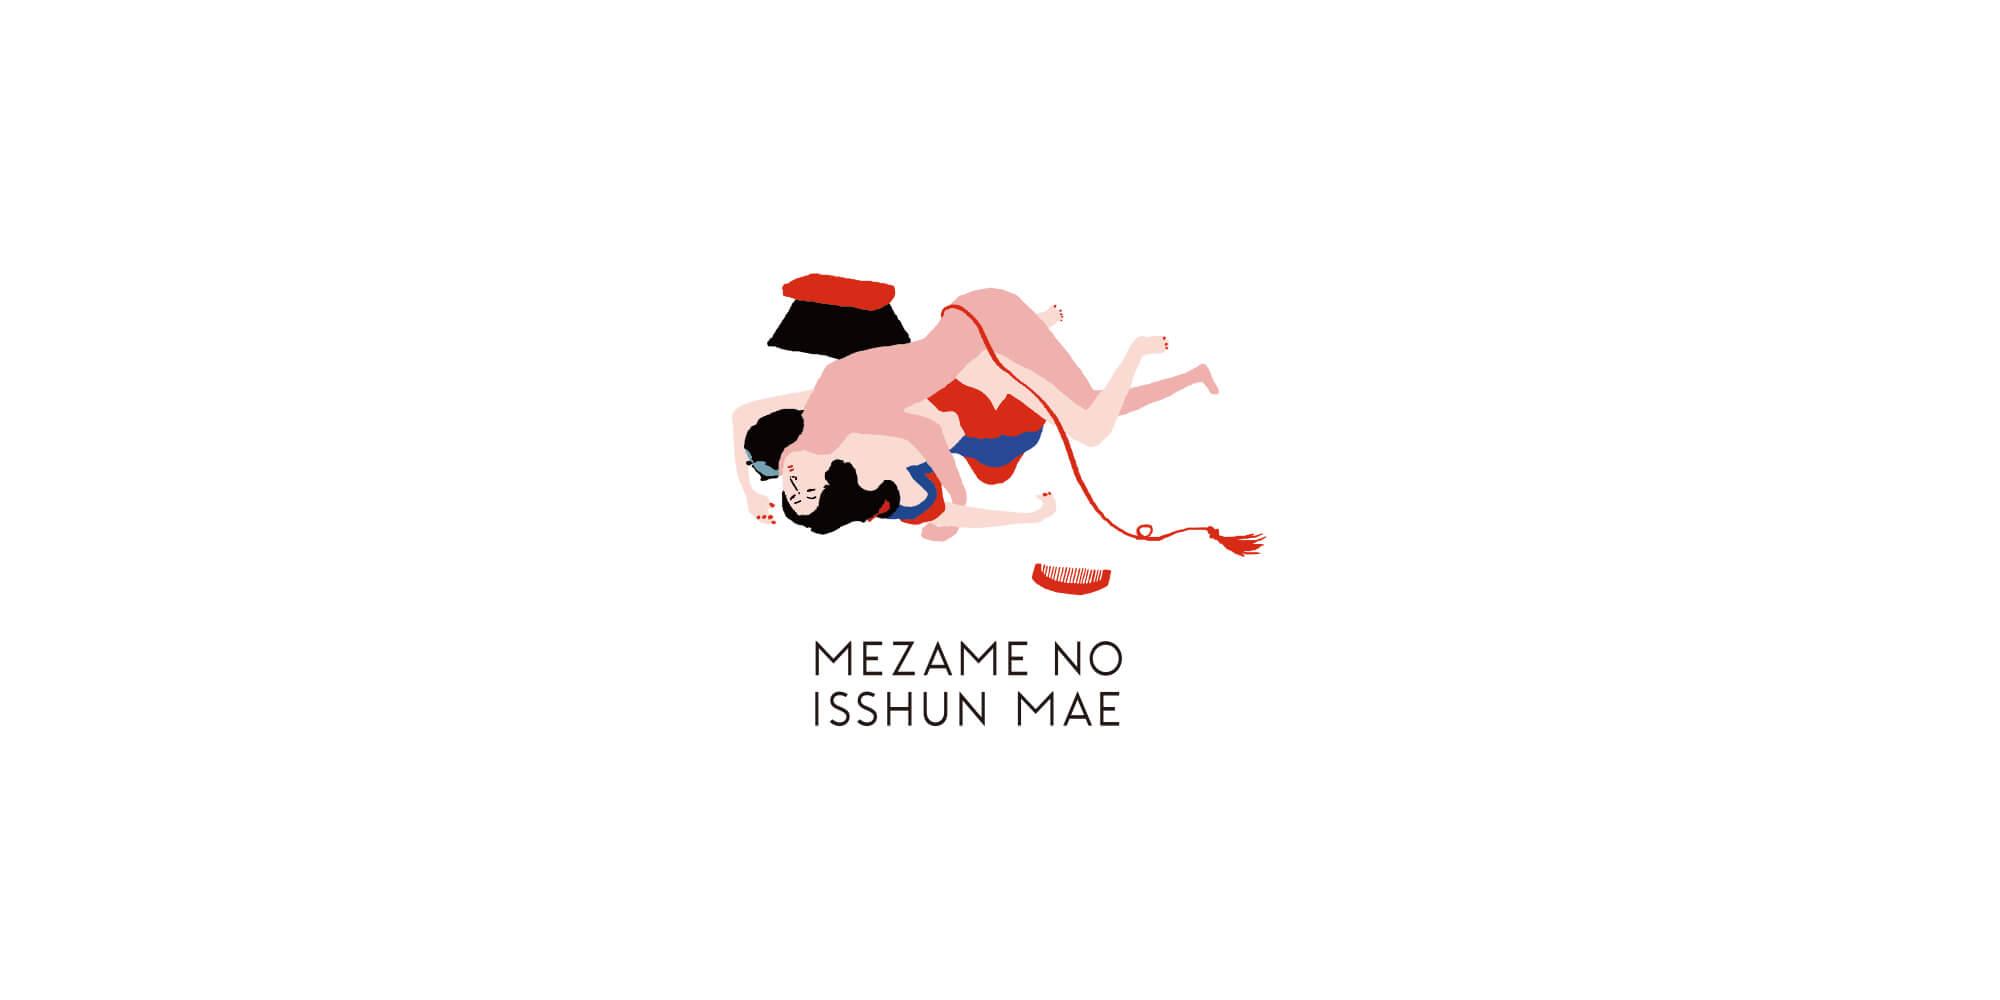 MEZAME NO ISSHUN MAE